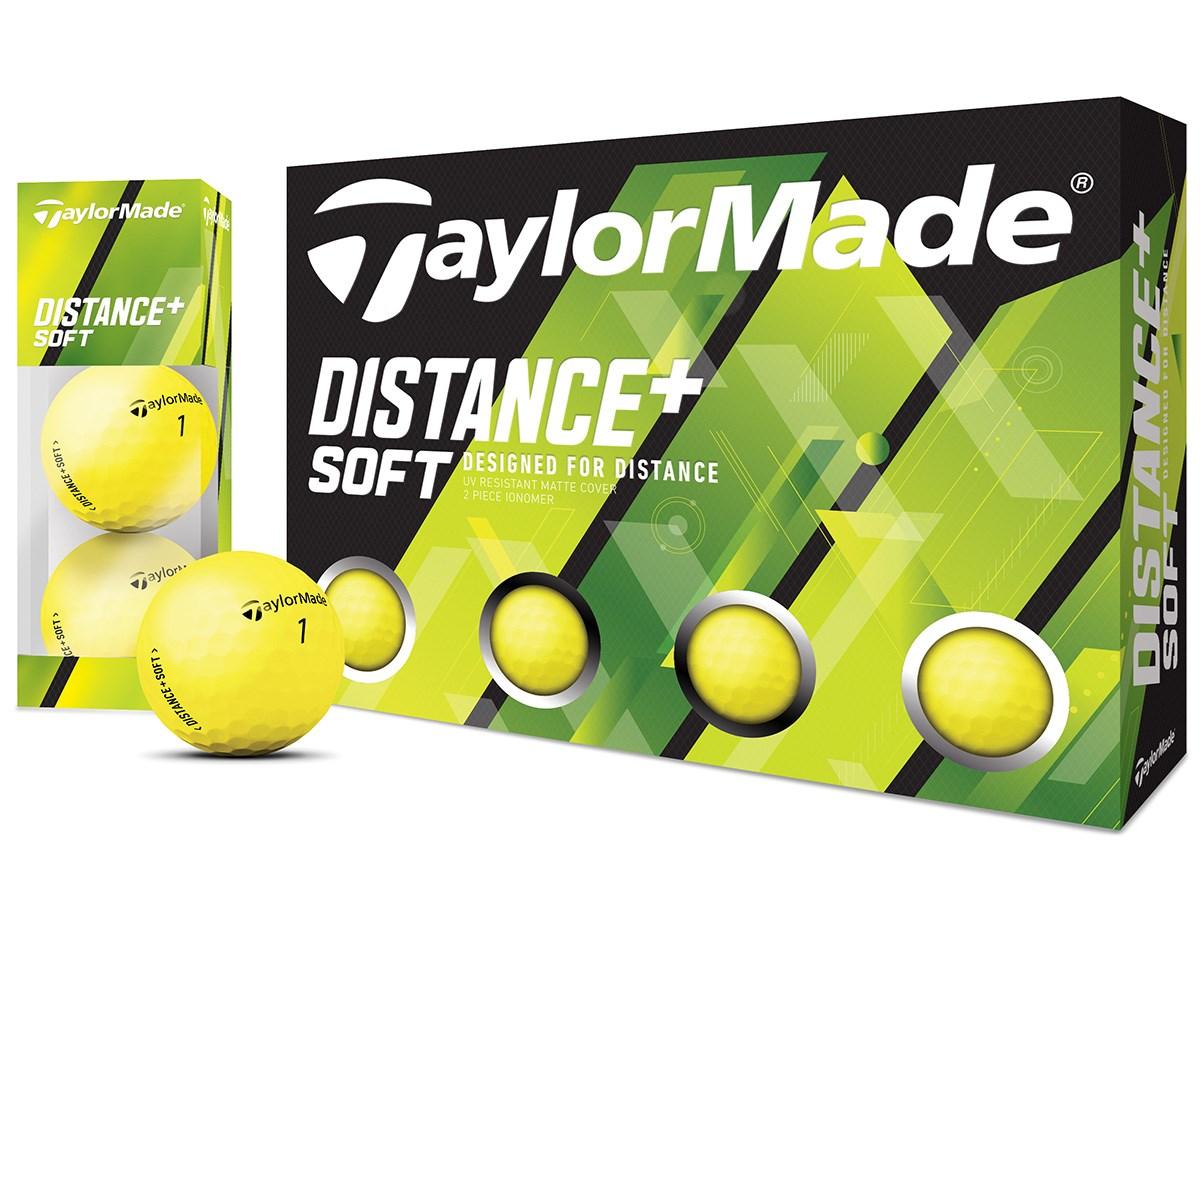 テーラーメイド DISTANCE+ Distance+Soft ボール 3ダースセット 3ダース(36個入り) マットイエロー